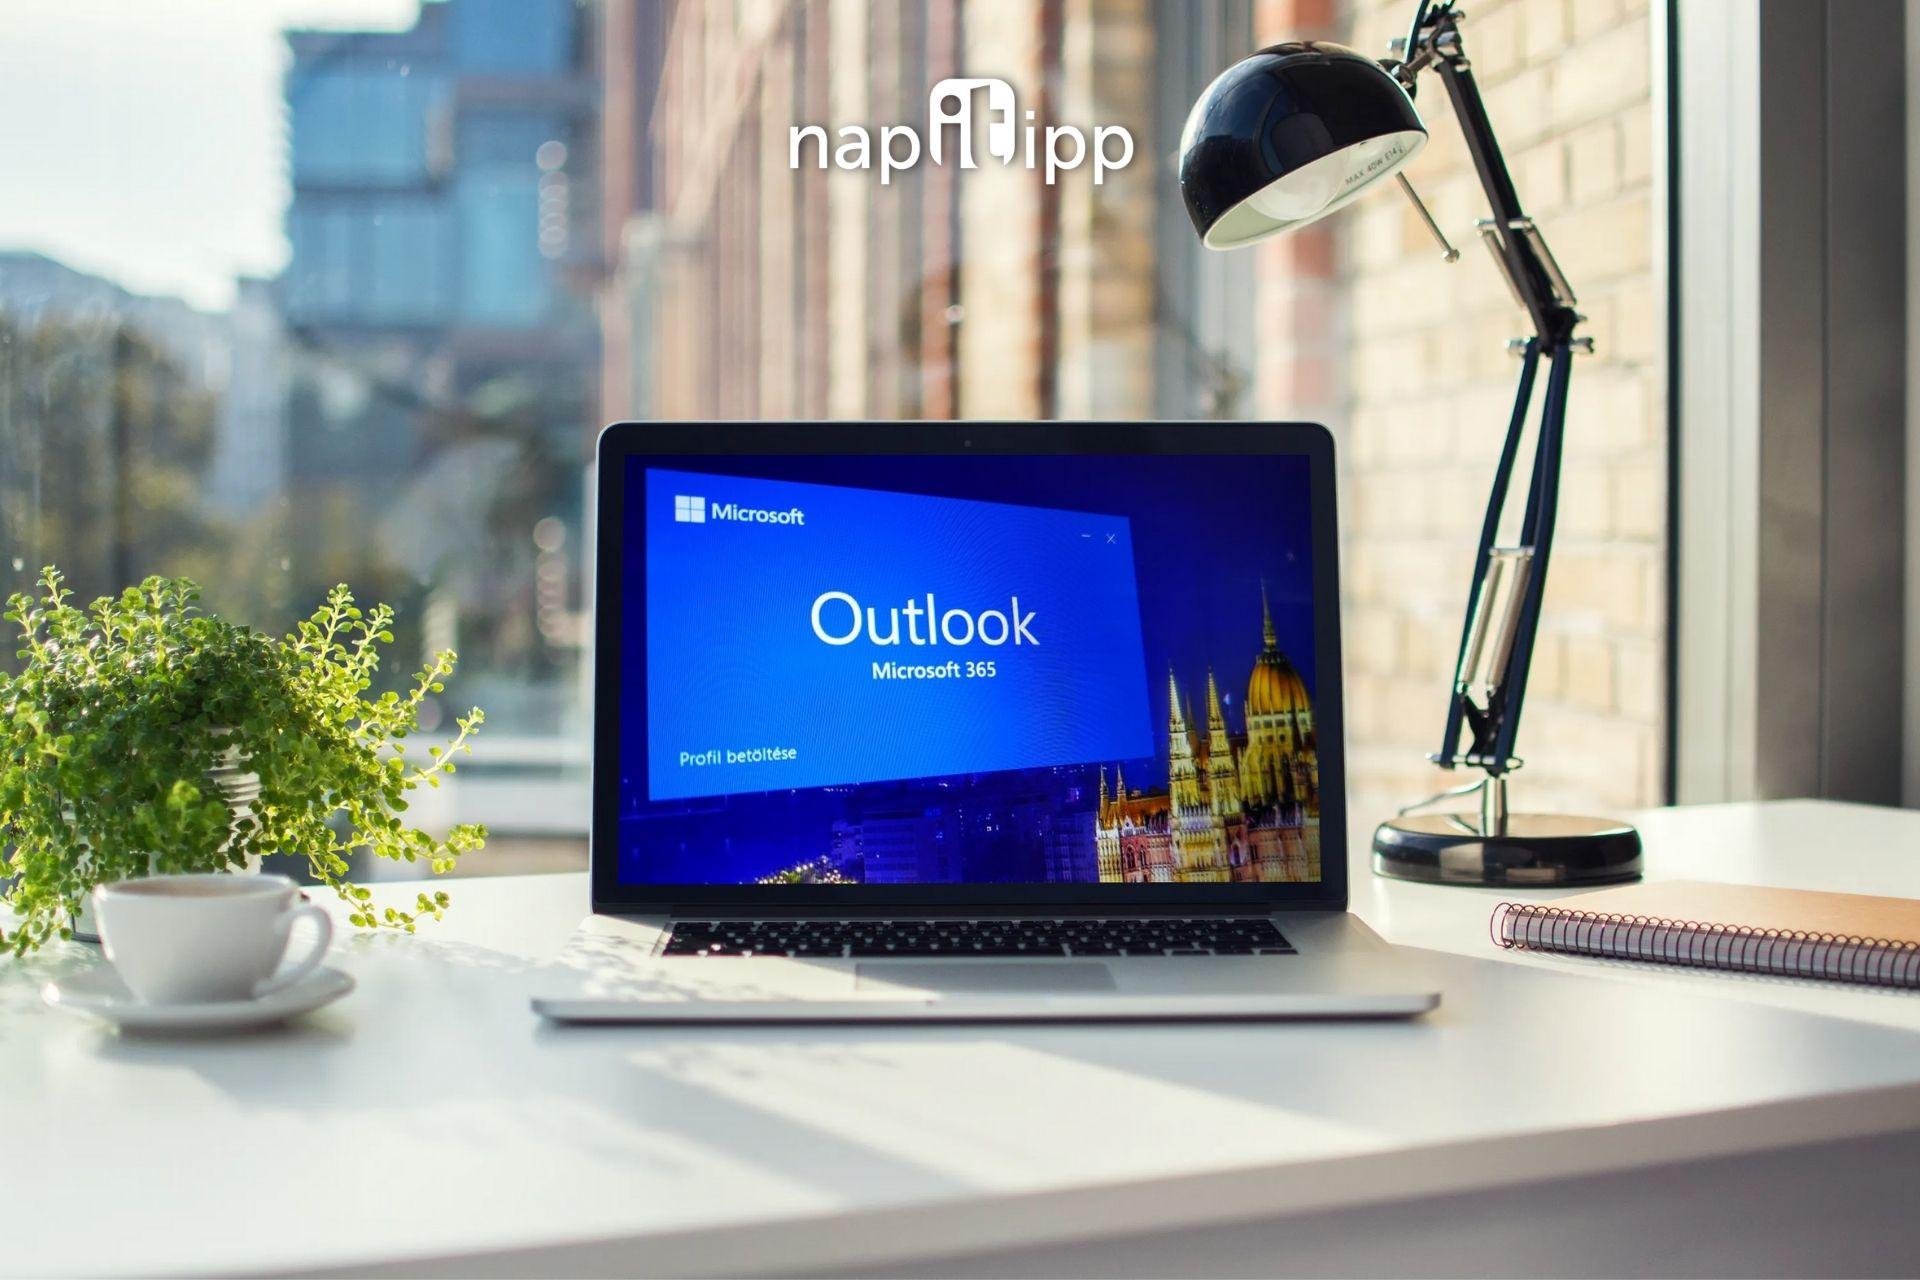 informatikai biztonság, outlook levelező, adathalászat, e-mail biztonság, office365 outlook, it részleg